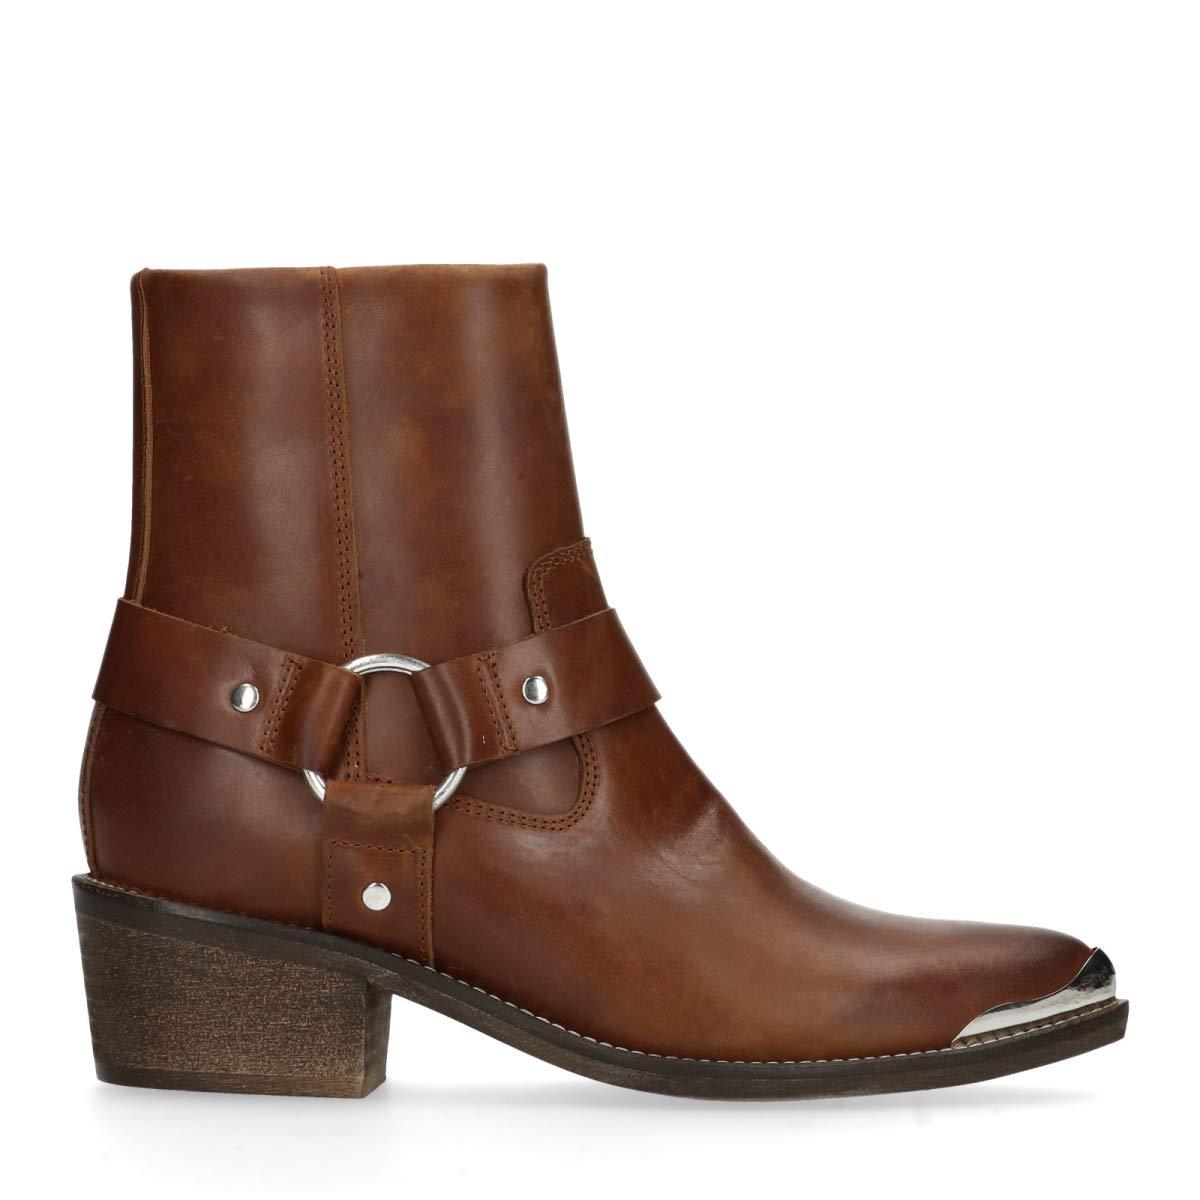 Sacha Schuhe   Damen Klassische Stiefeletten   Leder   Western   Farbe  Schwarz